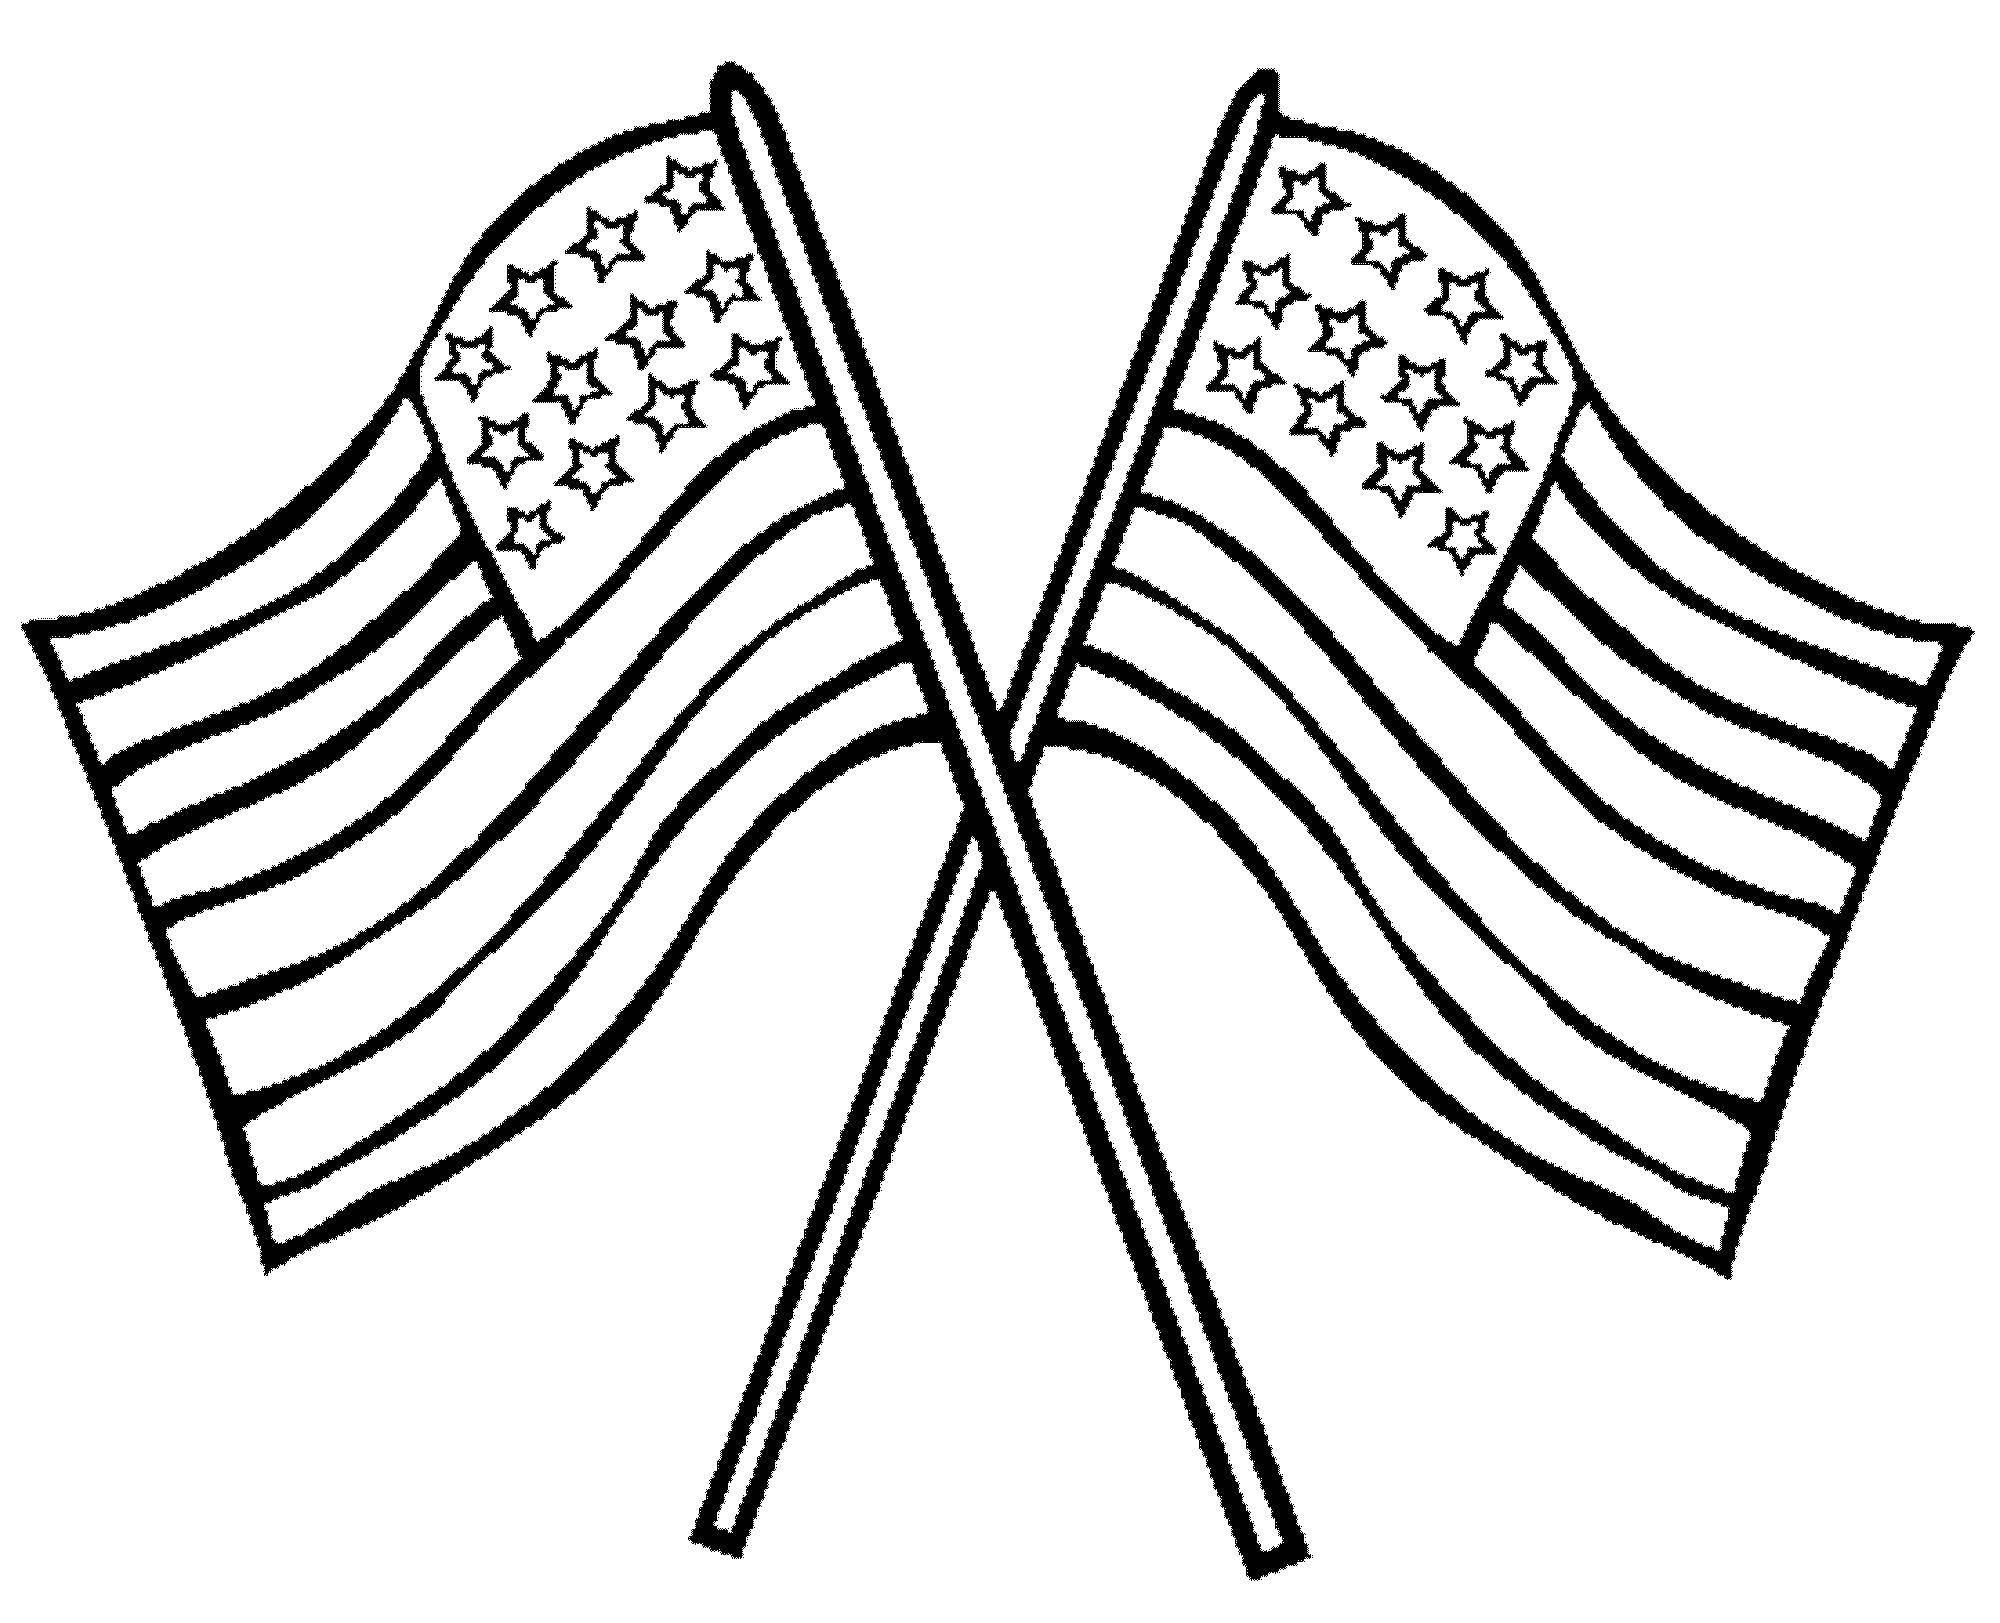 Картинка флаг для раскрашивания